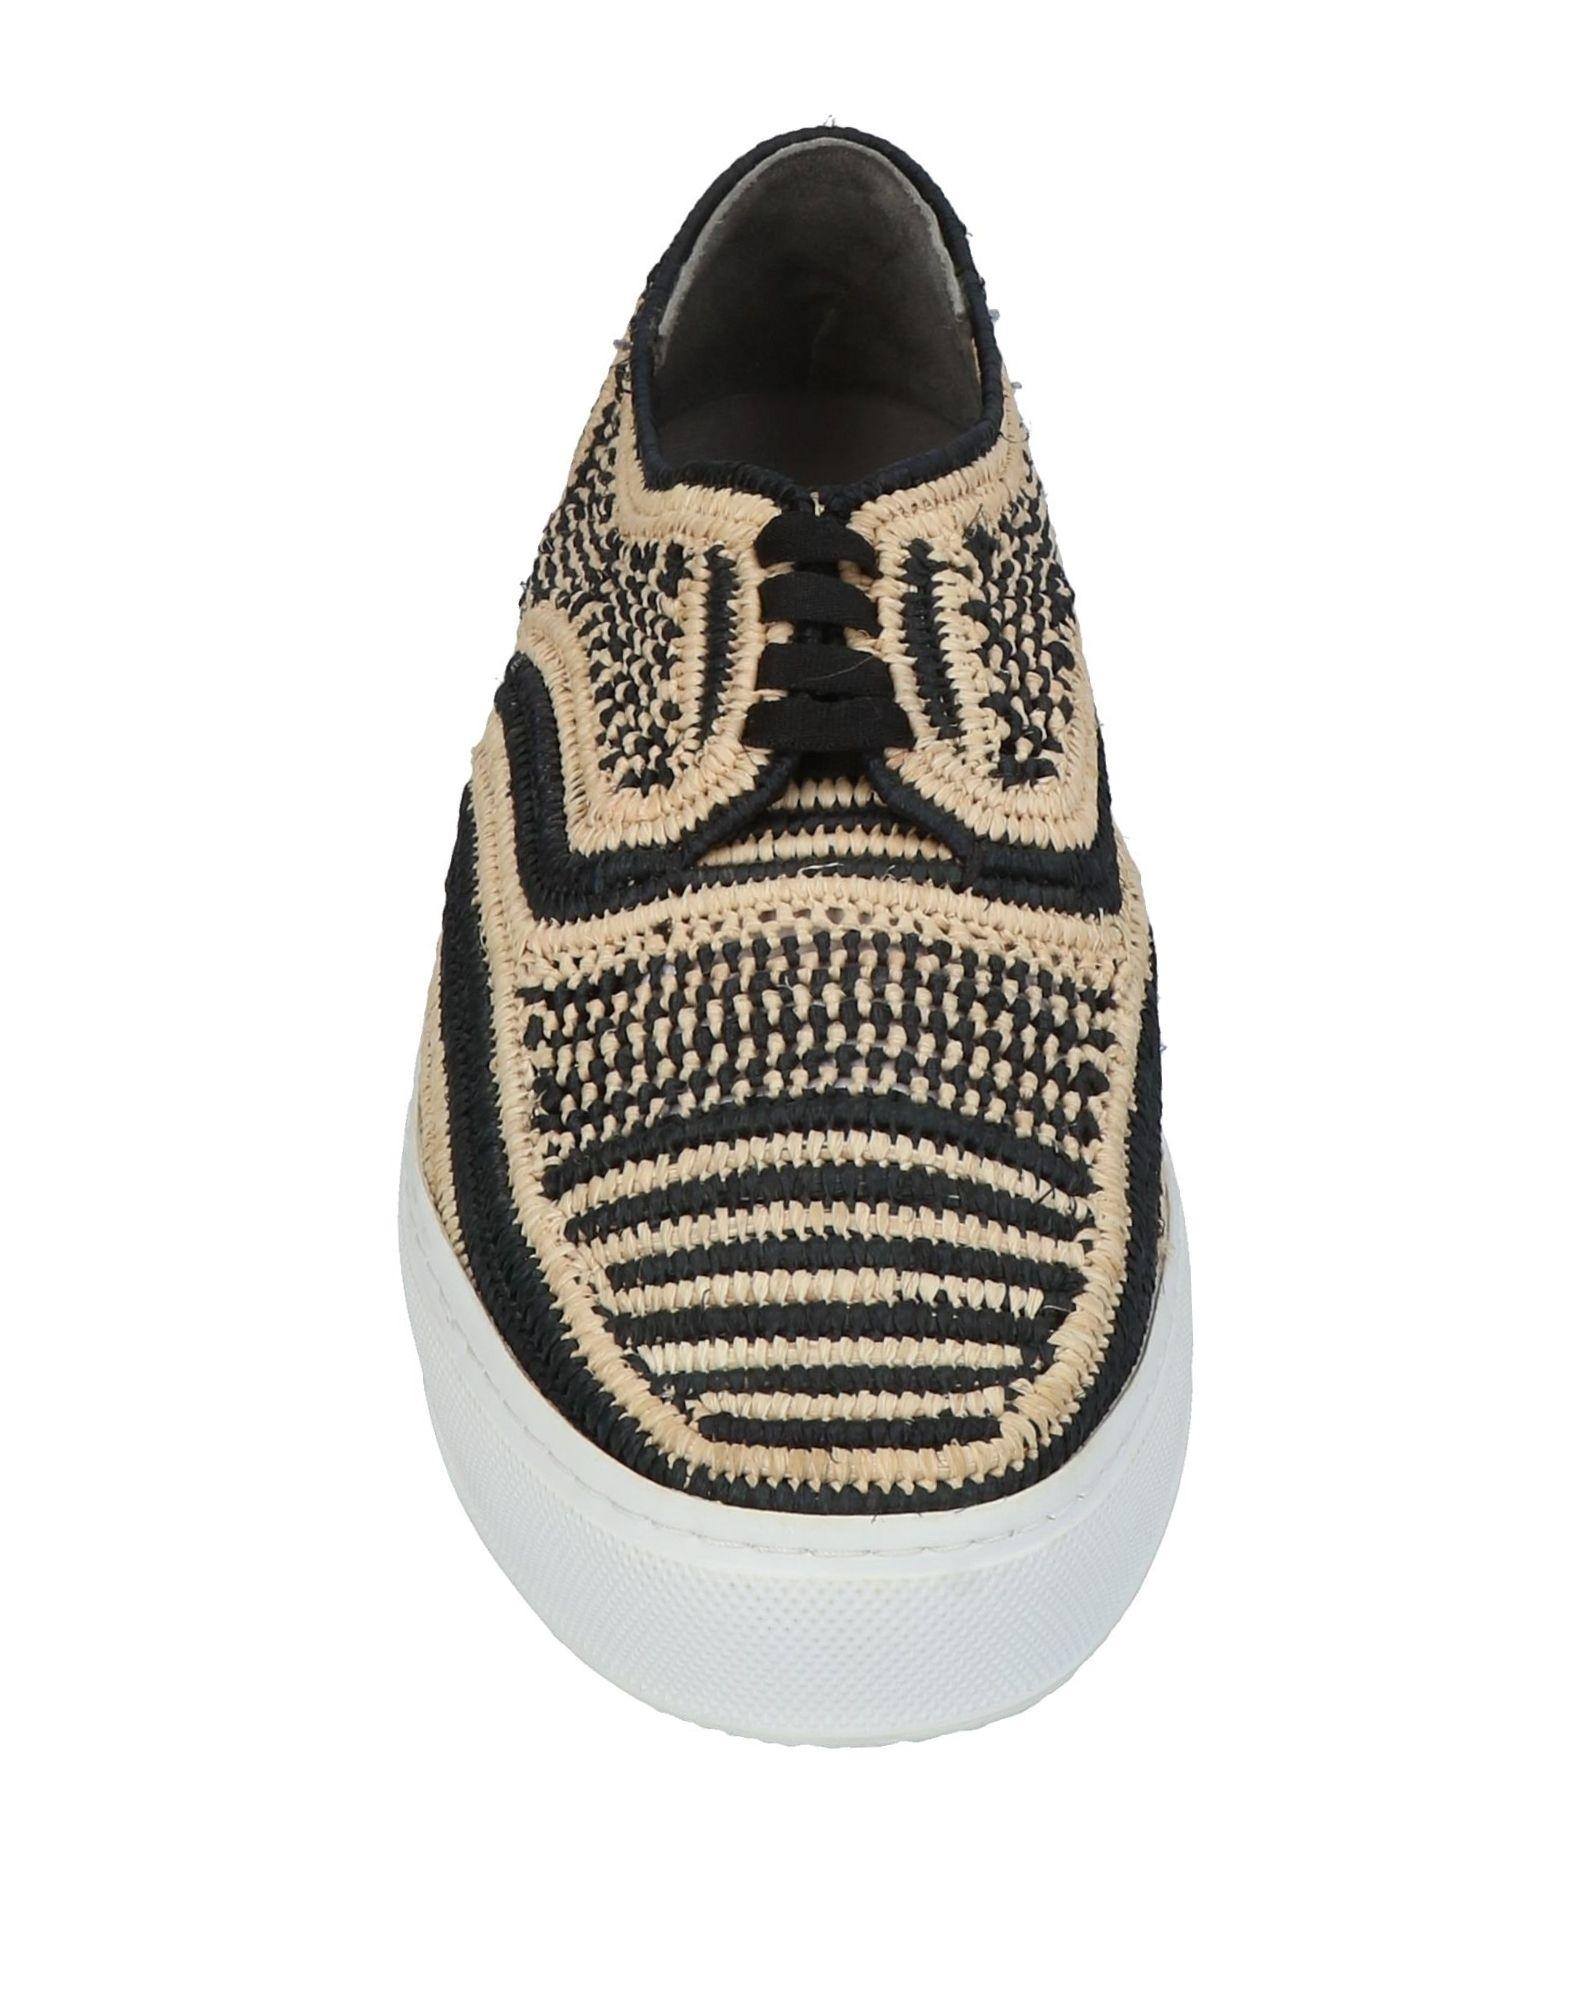 Sneakers Robert Clergerie Homme - Sneakers Robert Clergerie sur